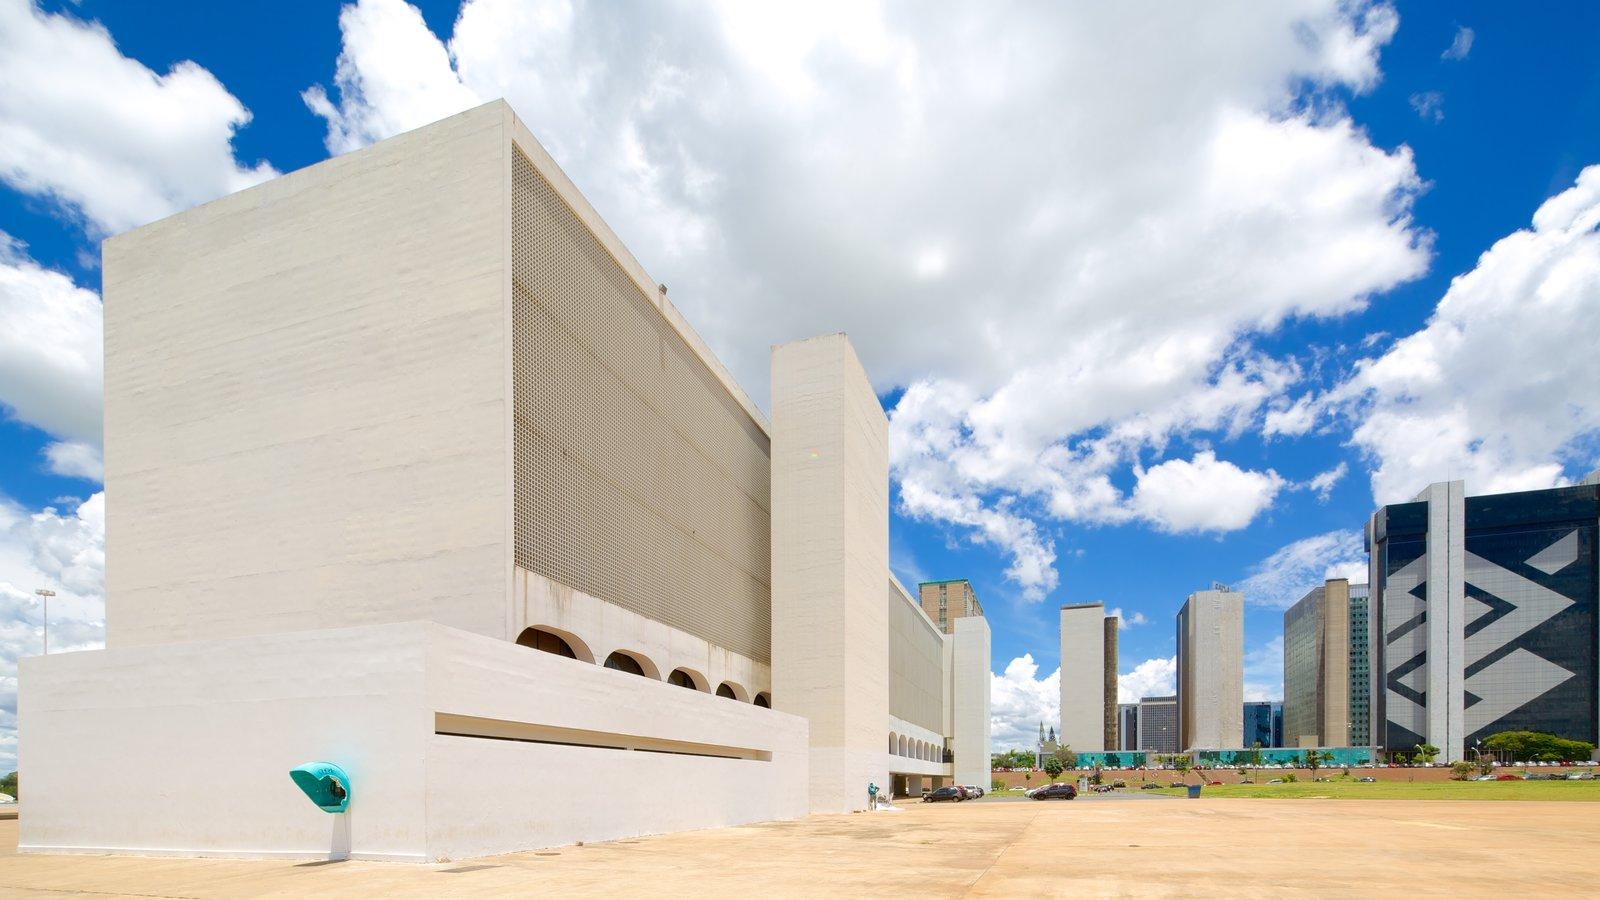 Biblioteca Nacional mostrando arquitetura moderna e uma cidade